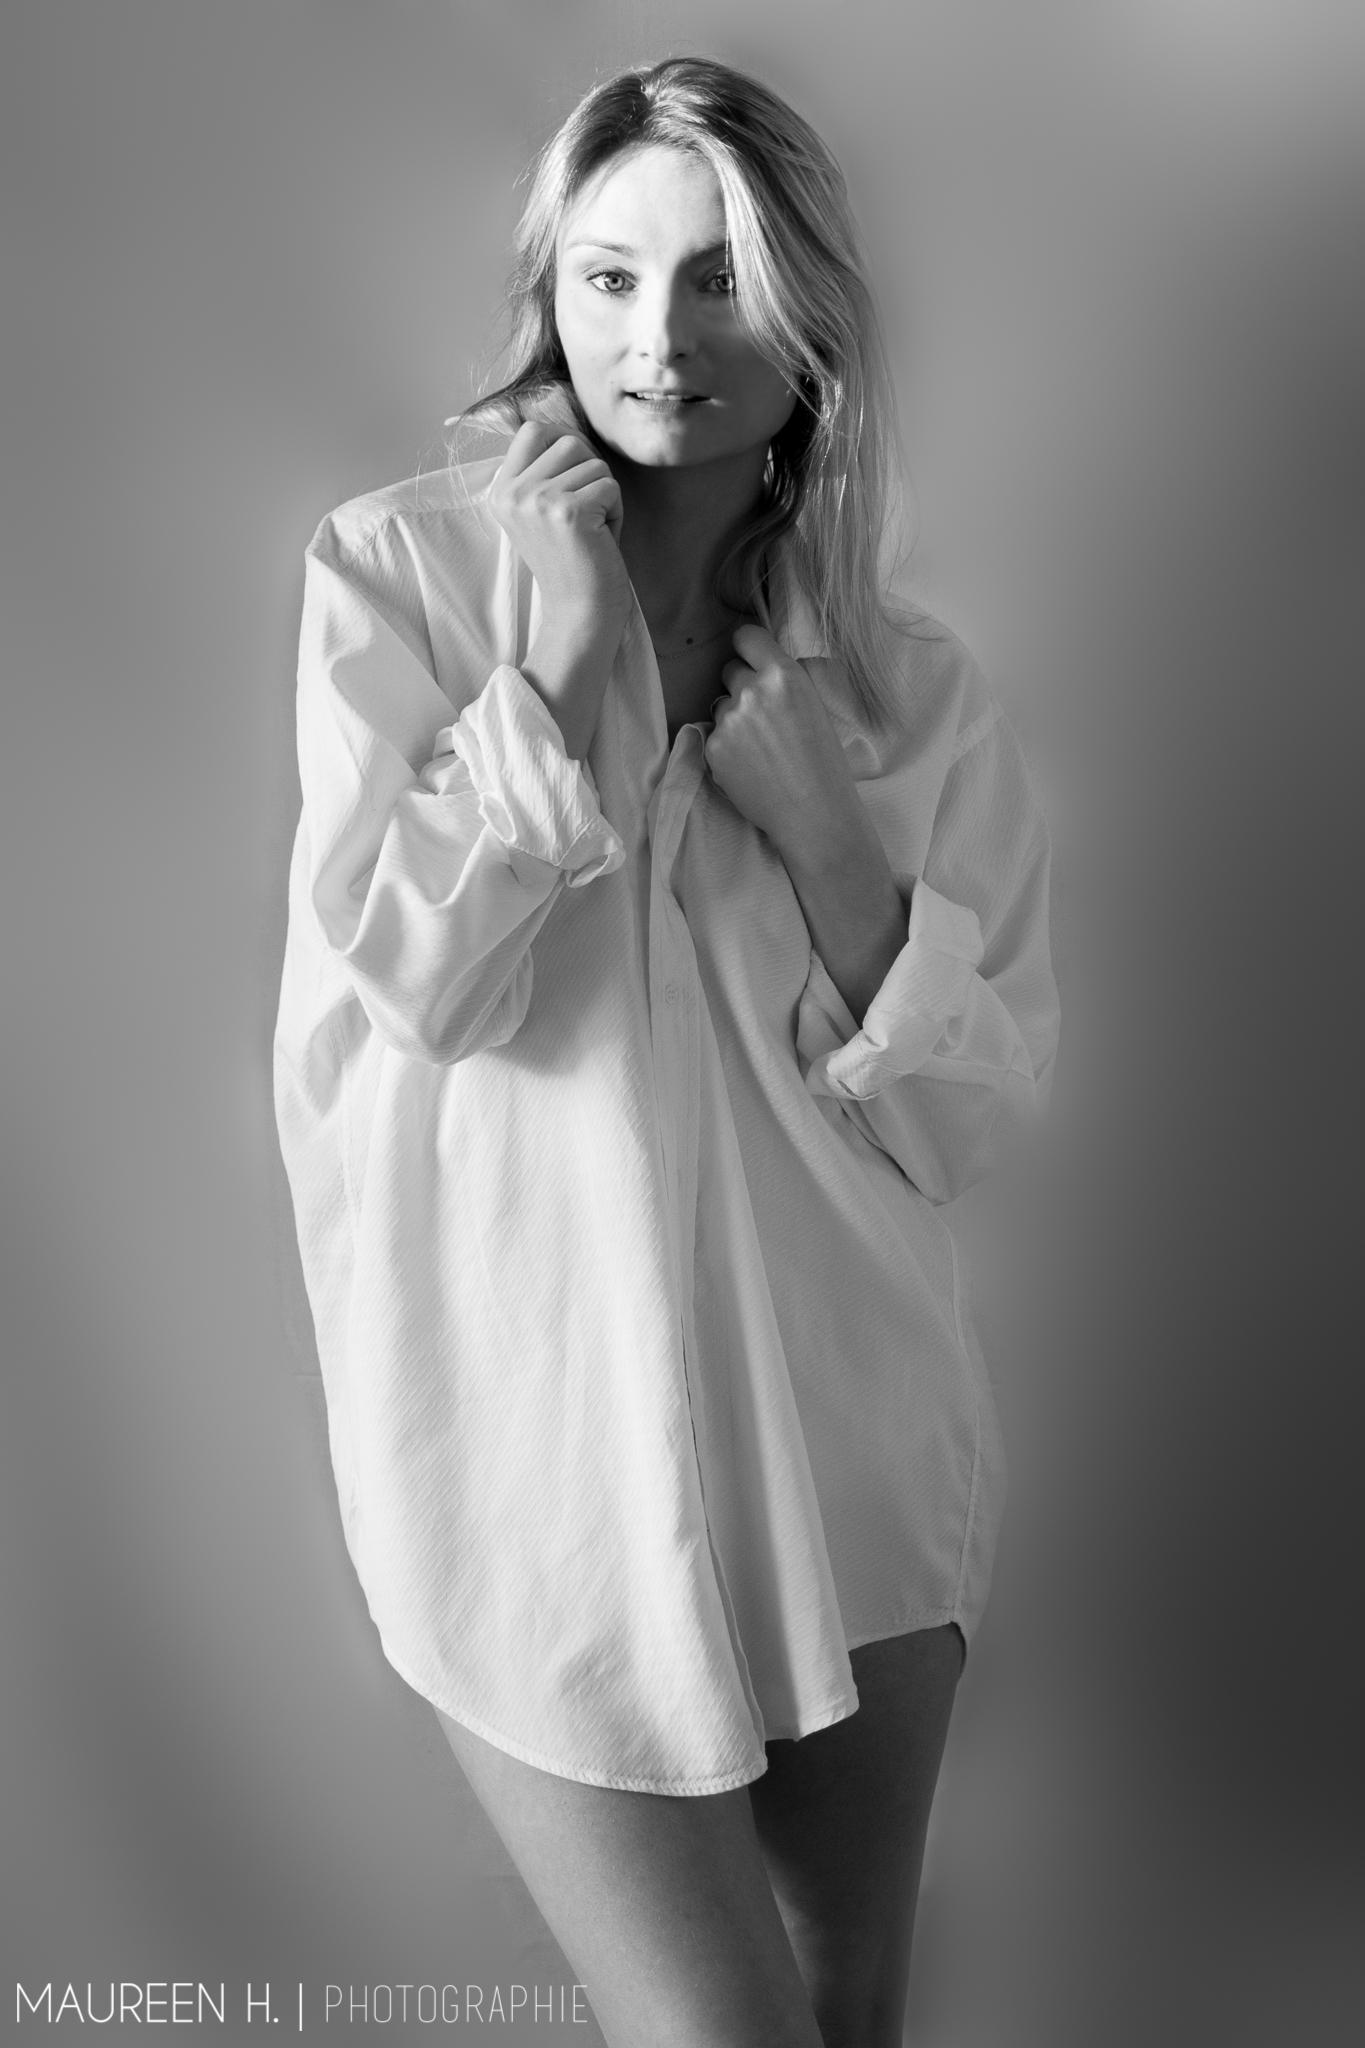 Photographie Portraits